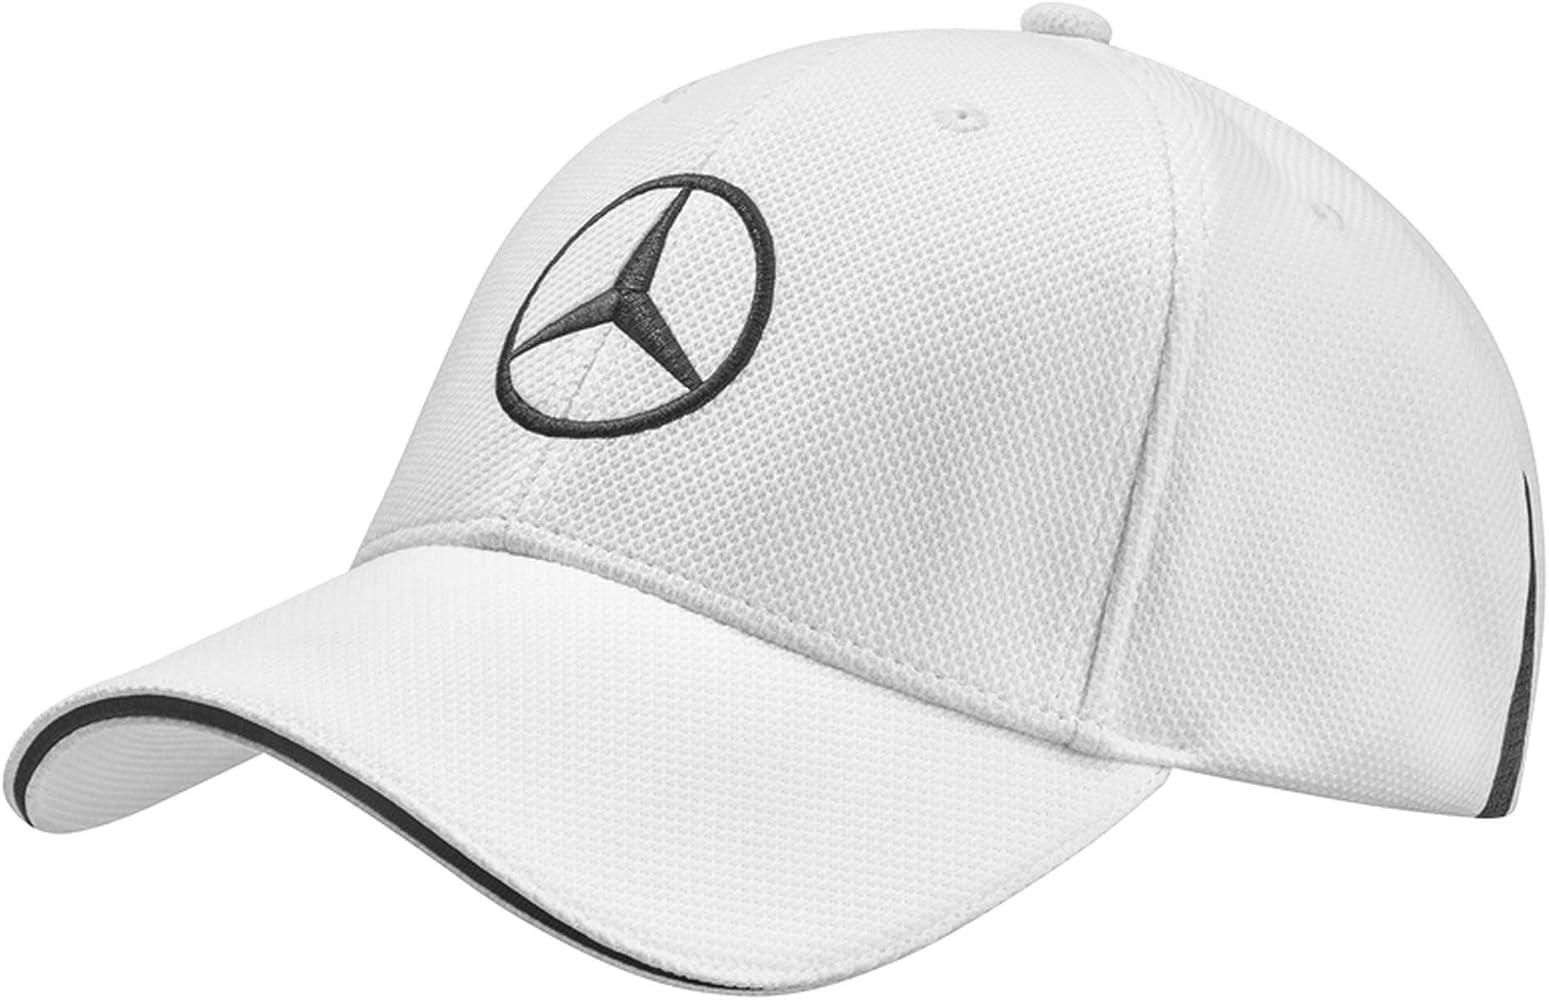 Mercedes-Benz Gorra de golf Blanco / Negro, 100% Poliéster: Amazon ...